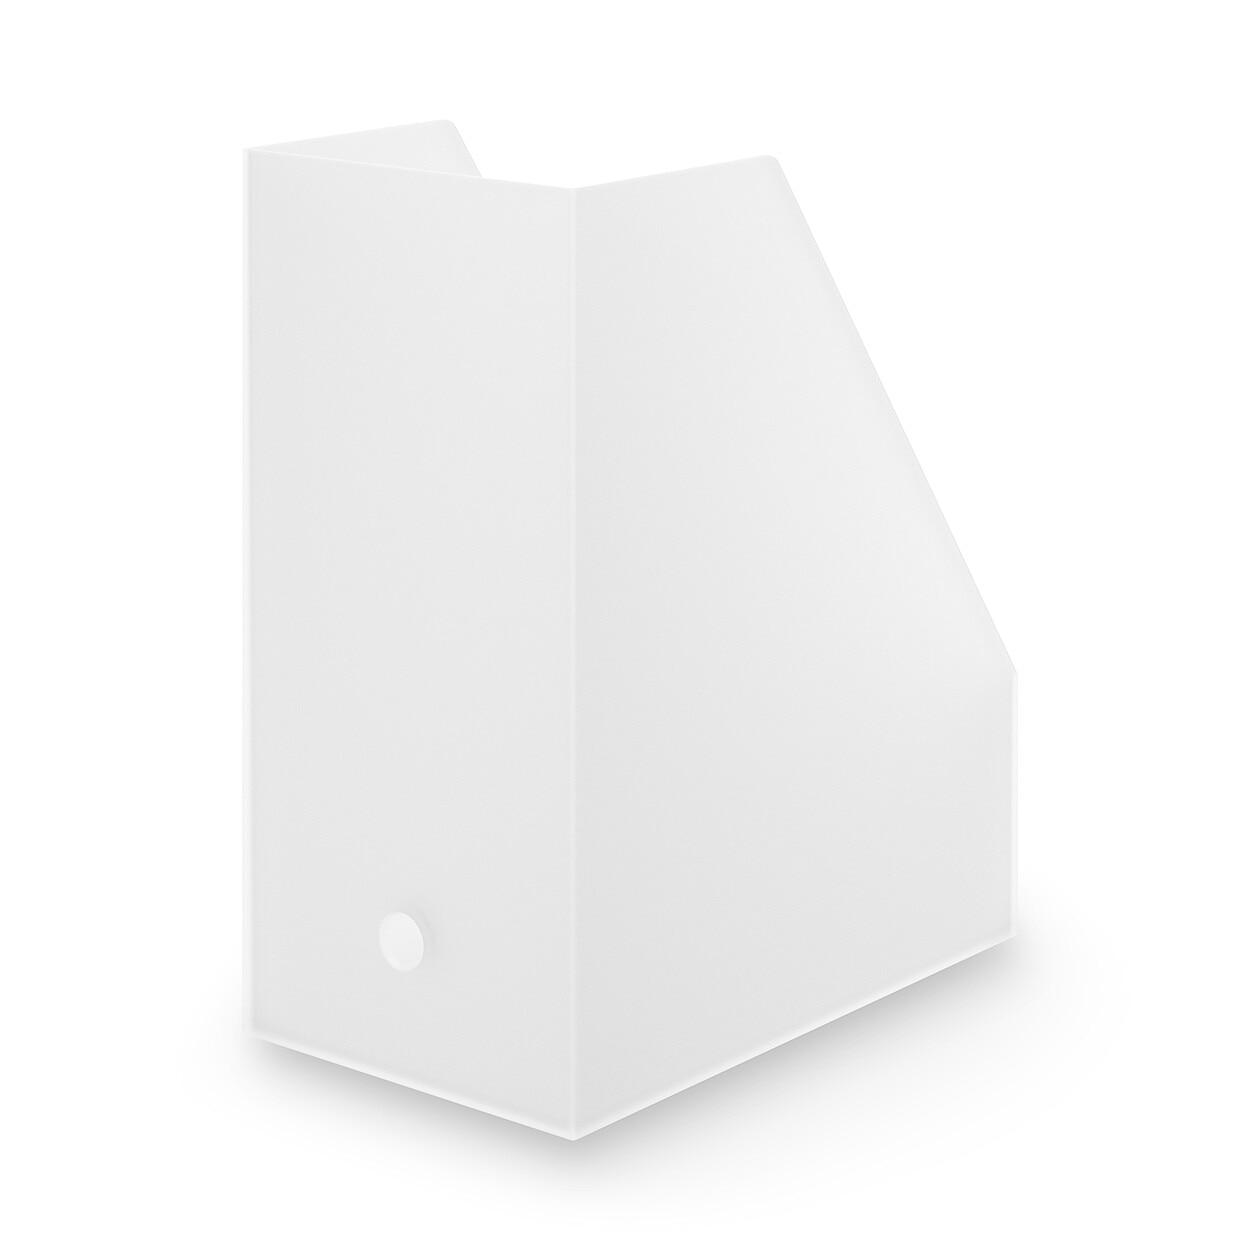 ポリプロピレンスタンドファイルボックス・ワイド・A4用の写真